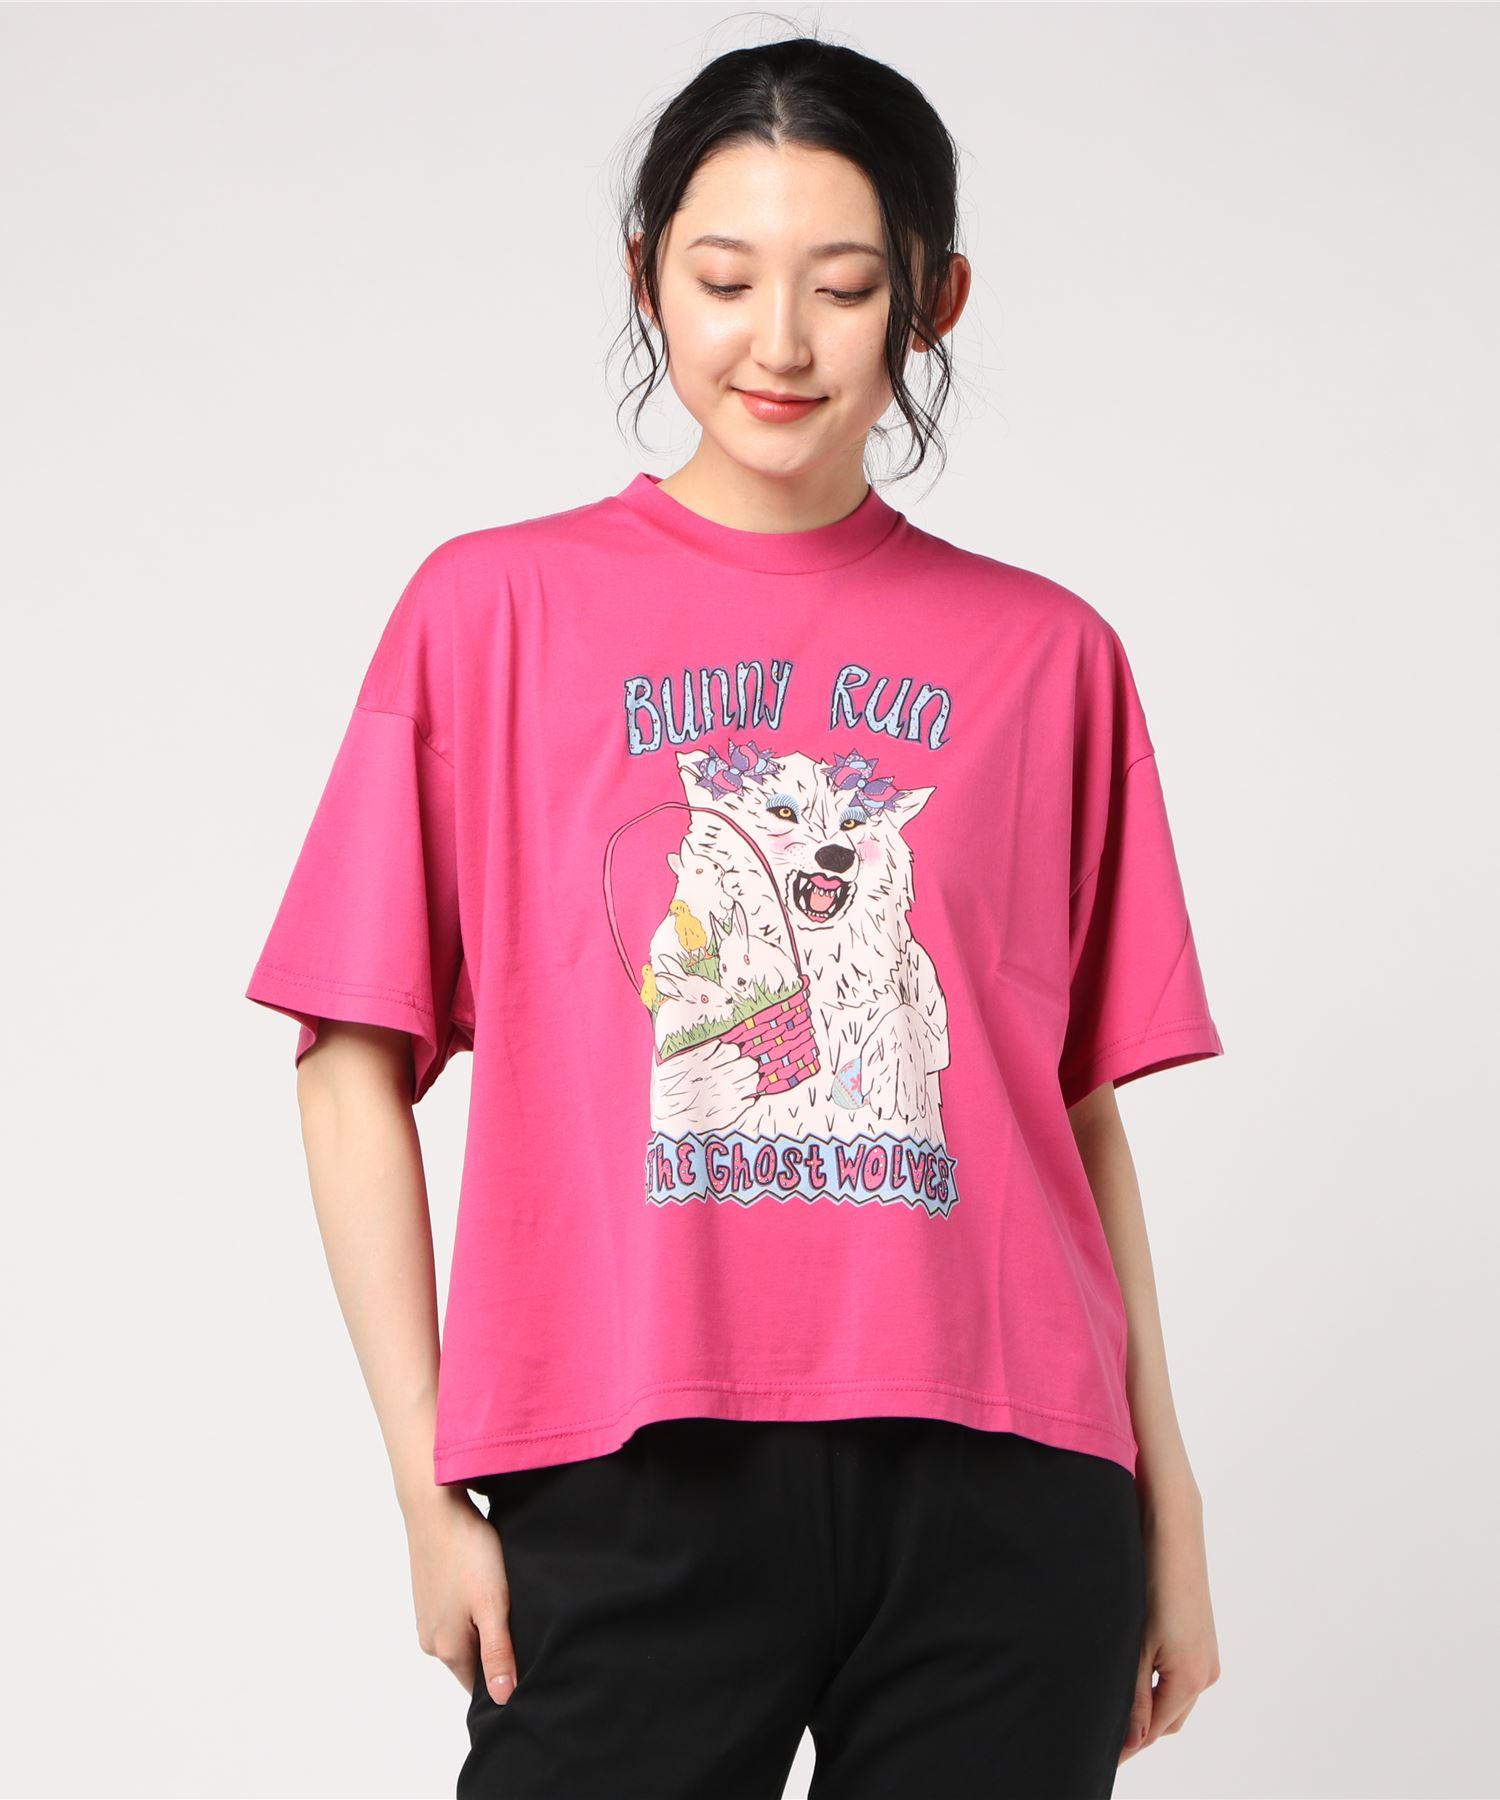 THE GHOST WOLVES/BUNNY RUN オーバーサイズTシャツ